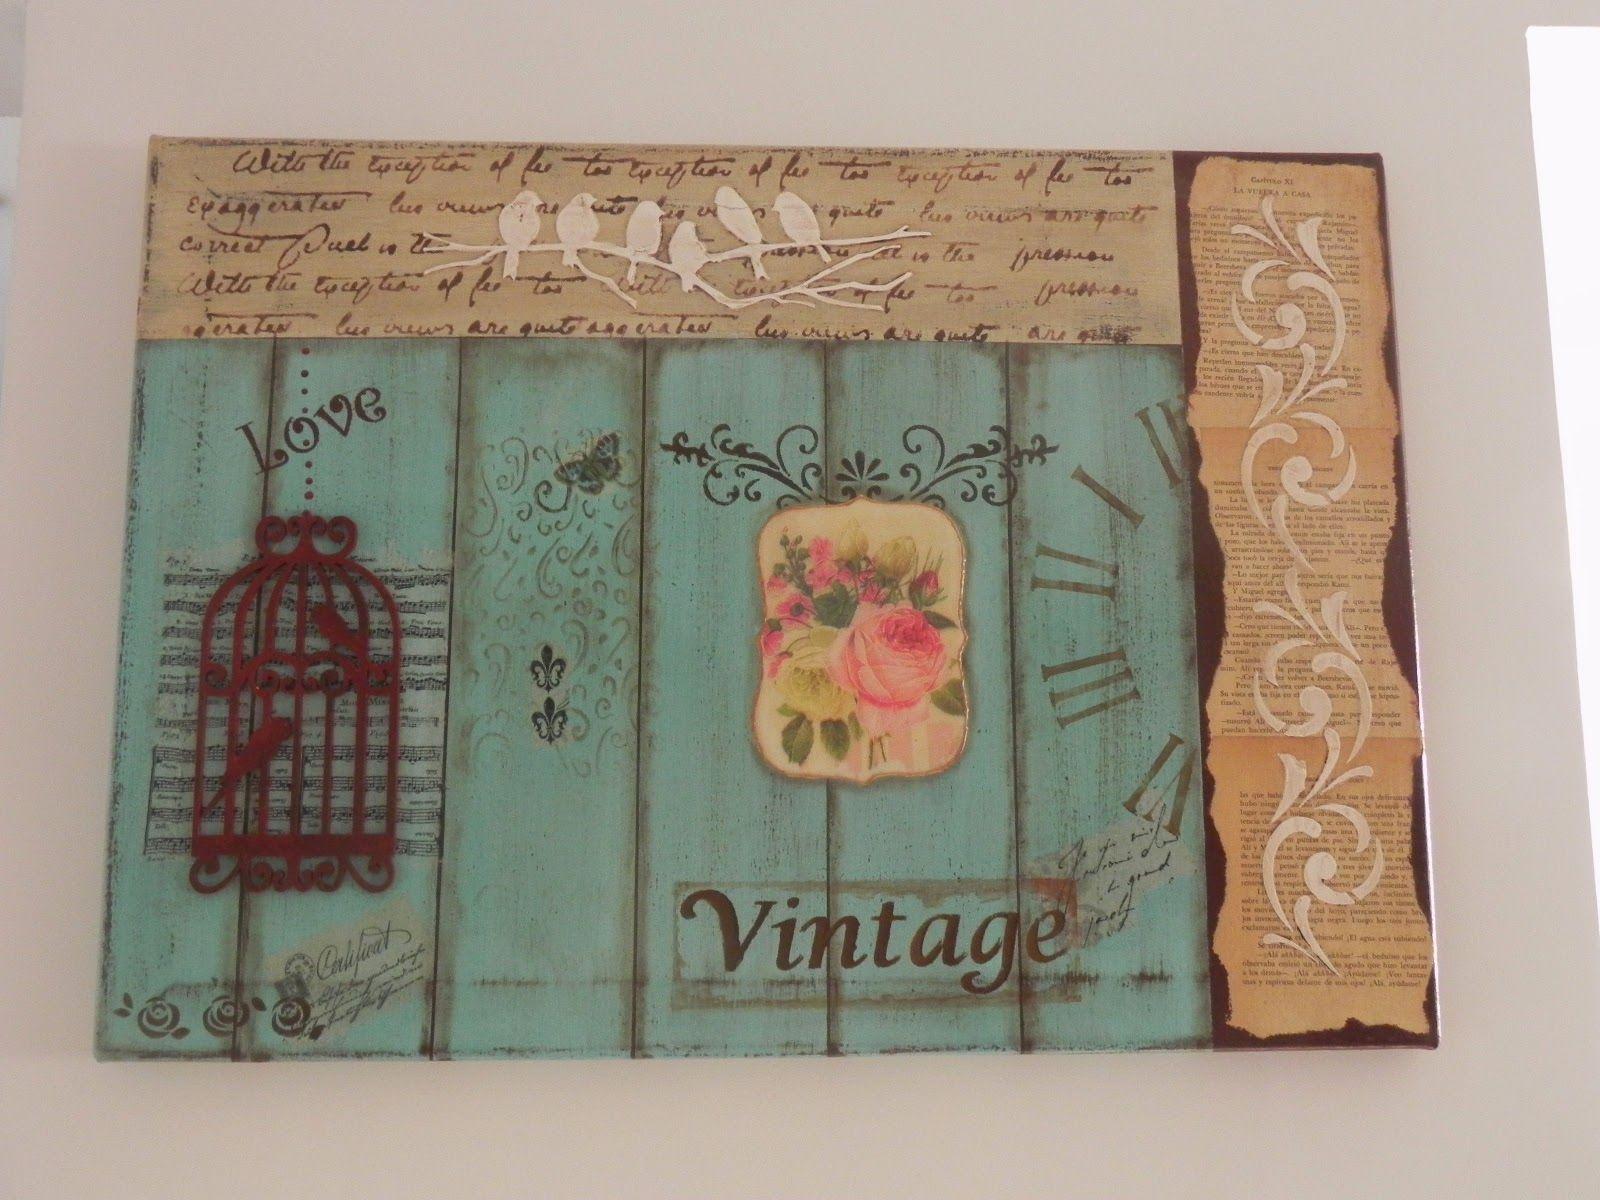 Gabriela albo regalos artesanales cuadro vintage bricolaje y manualidades pinterest - Cuadros shabby chic ...